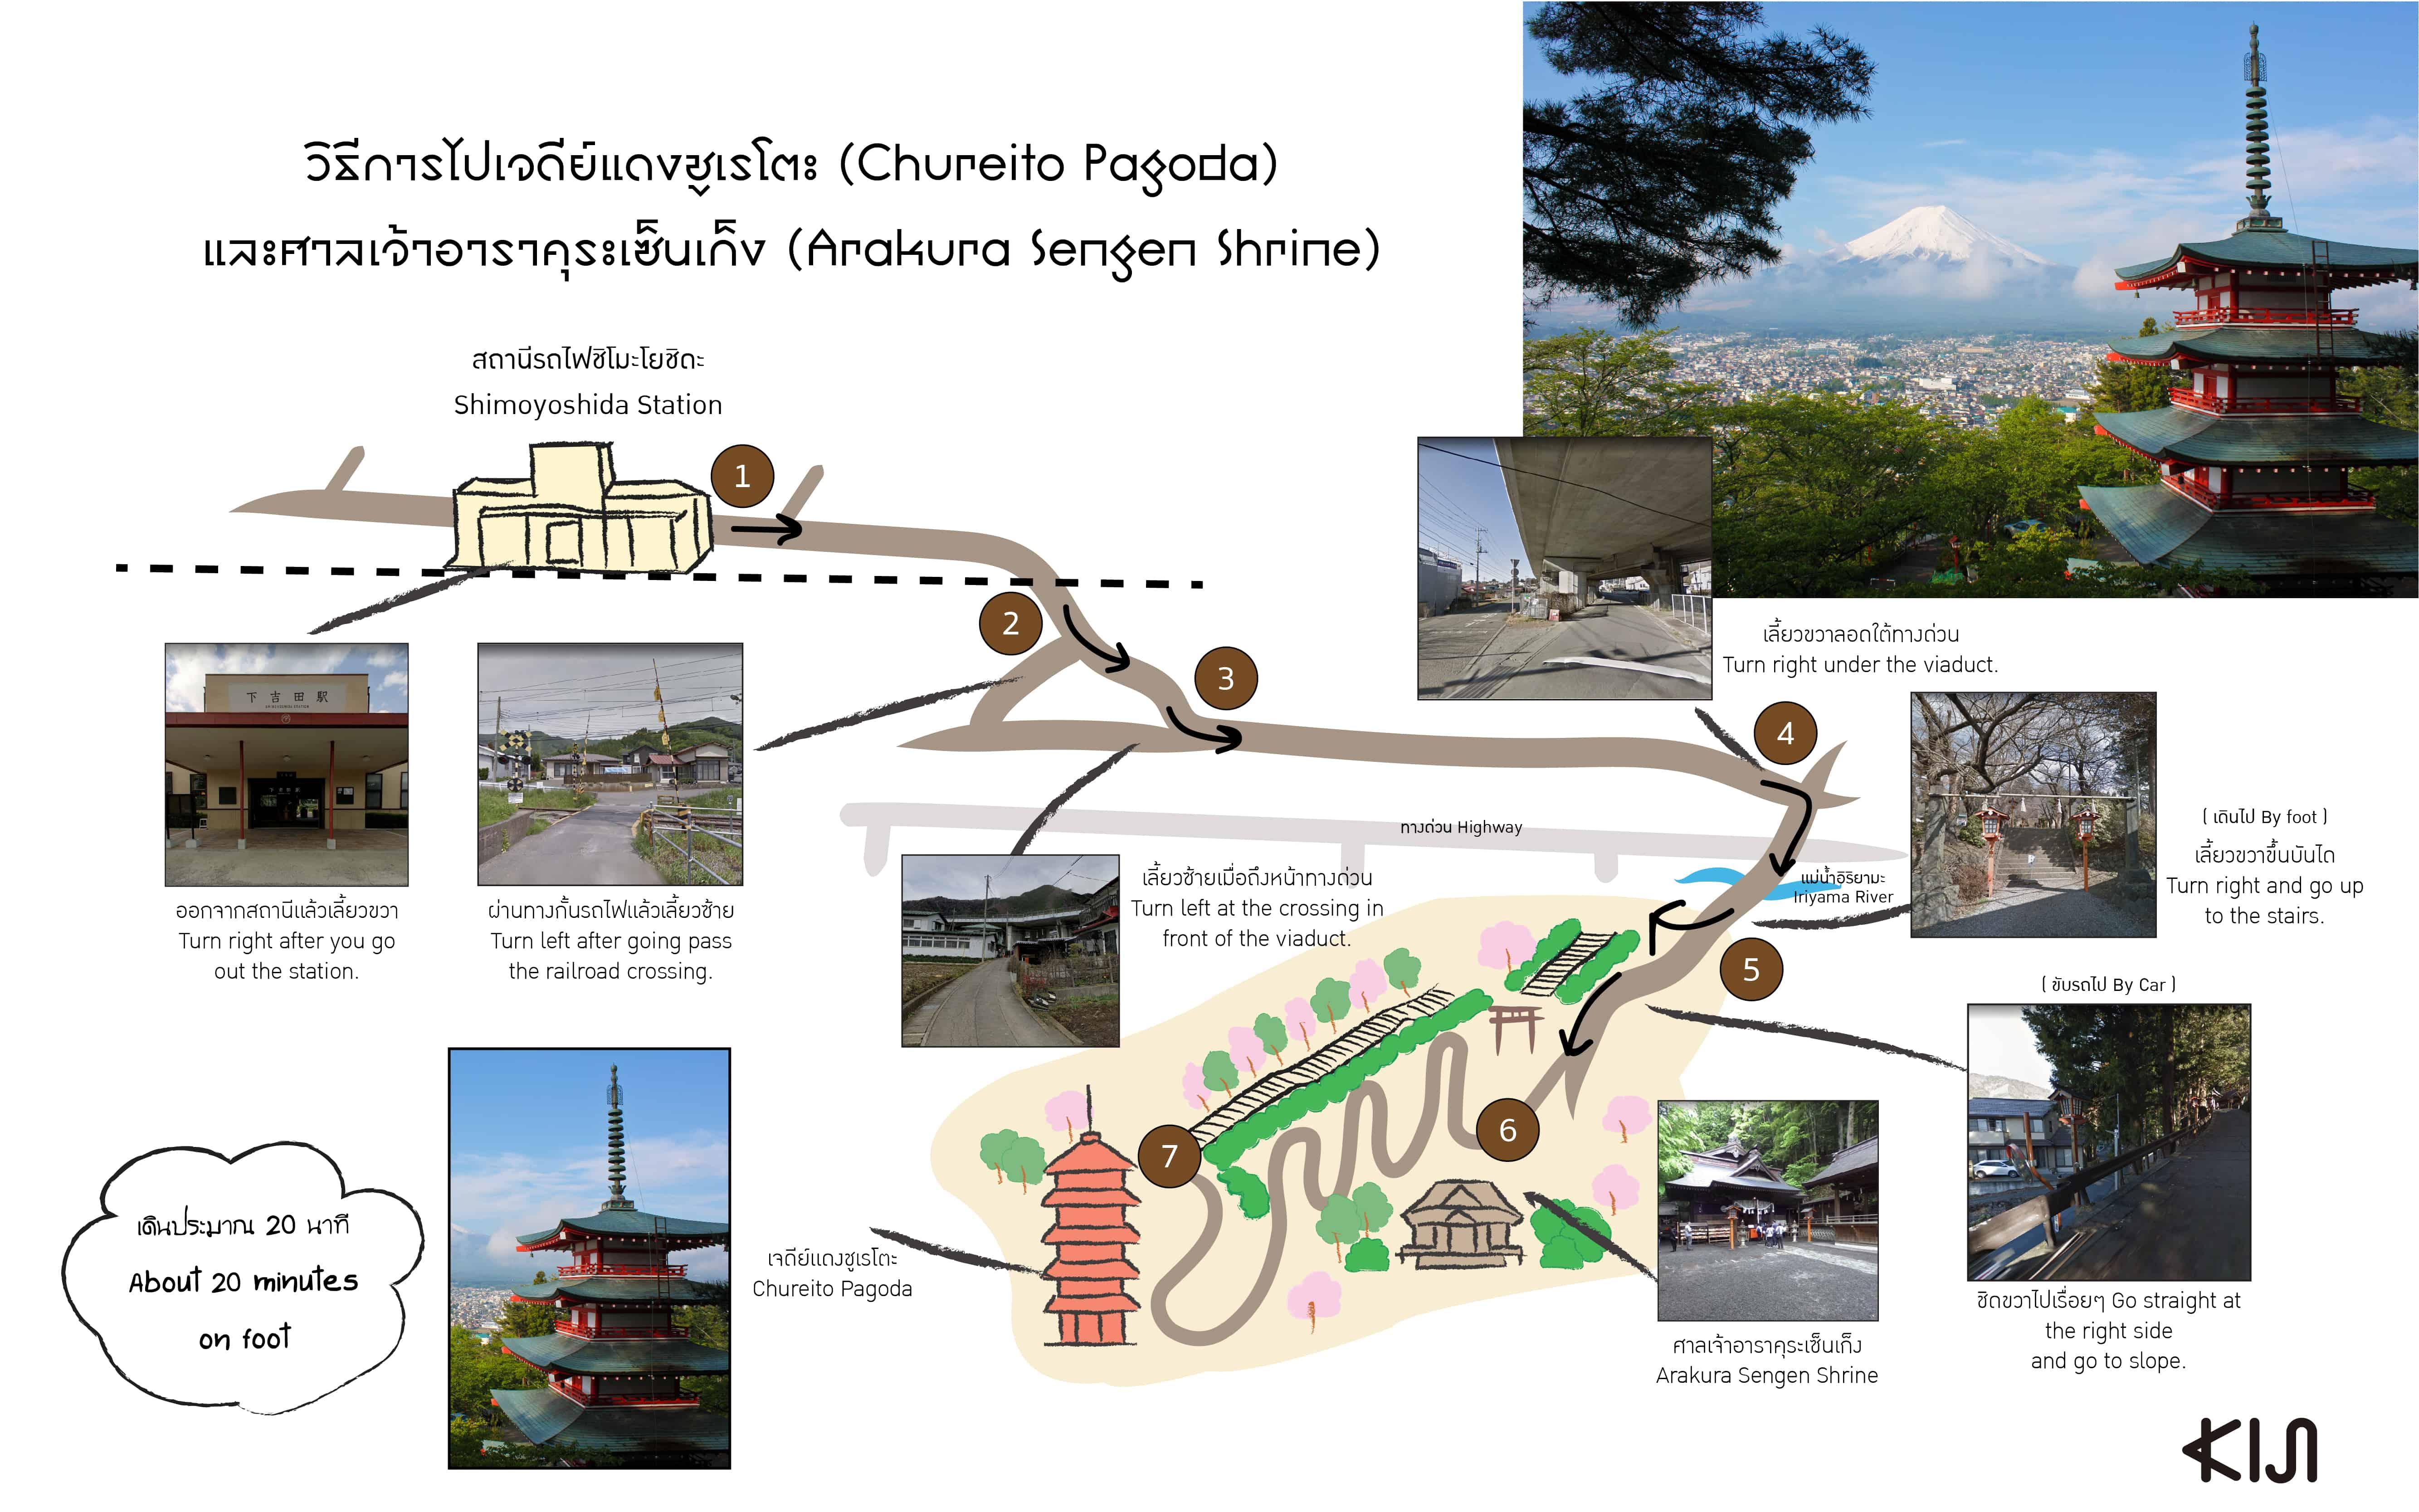 แผนที่ไปเจดีย์แดงชูเรโตะ (Chureito Pagoda)